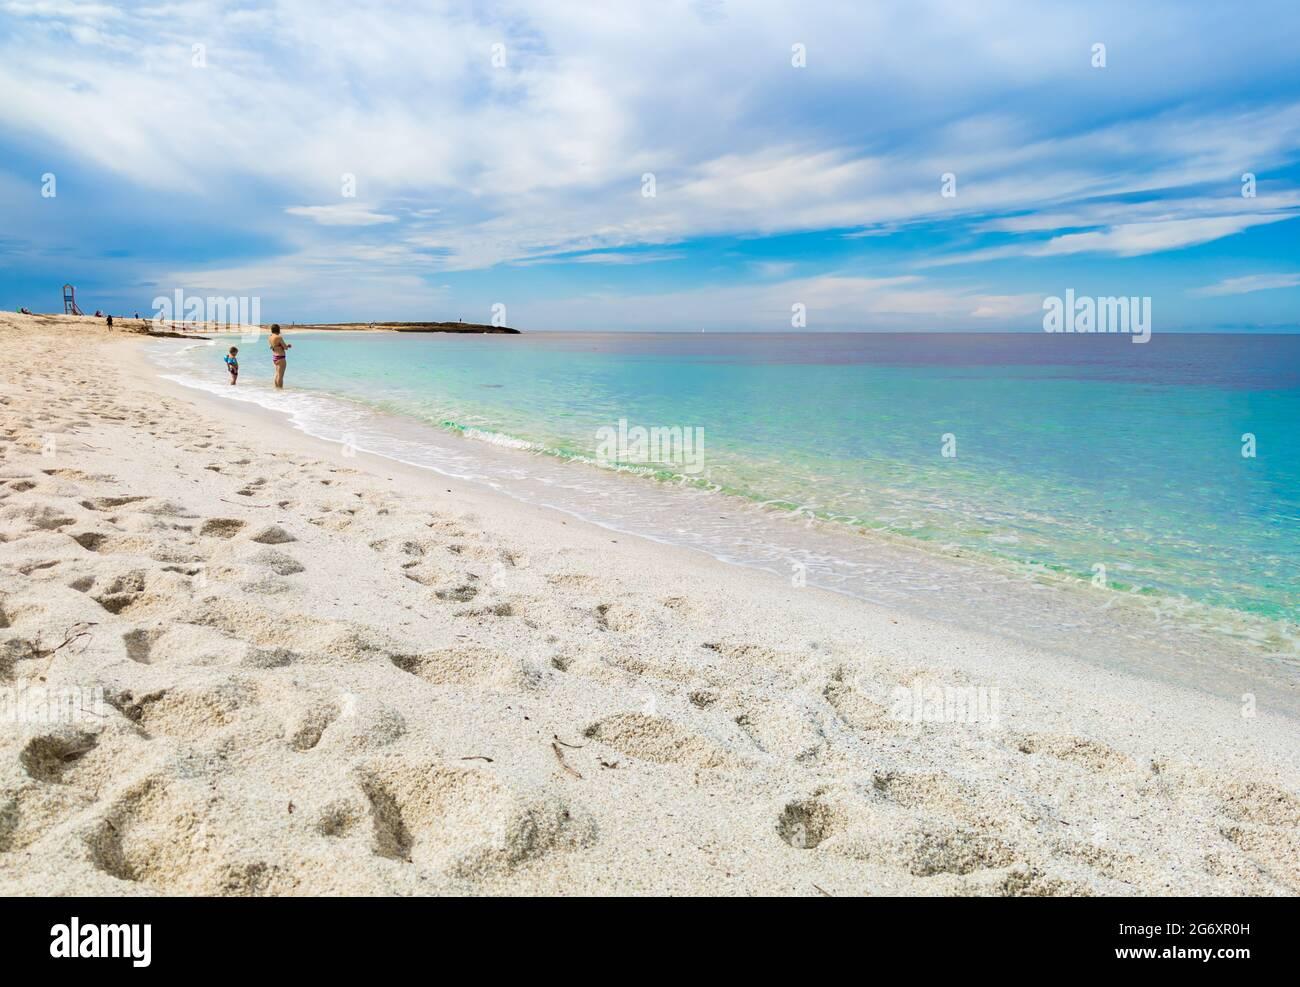 Cabras (Italia) - La ciudad turística costera en la región de Cerdeña y la isla, con la playa, la península de Sinis y el yacimiento arqueológico de Tharros. Foto de stock